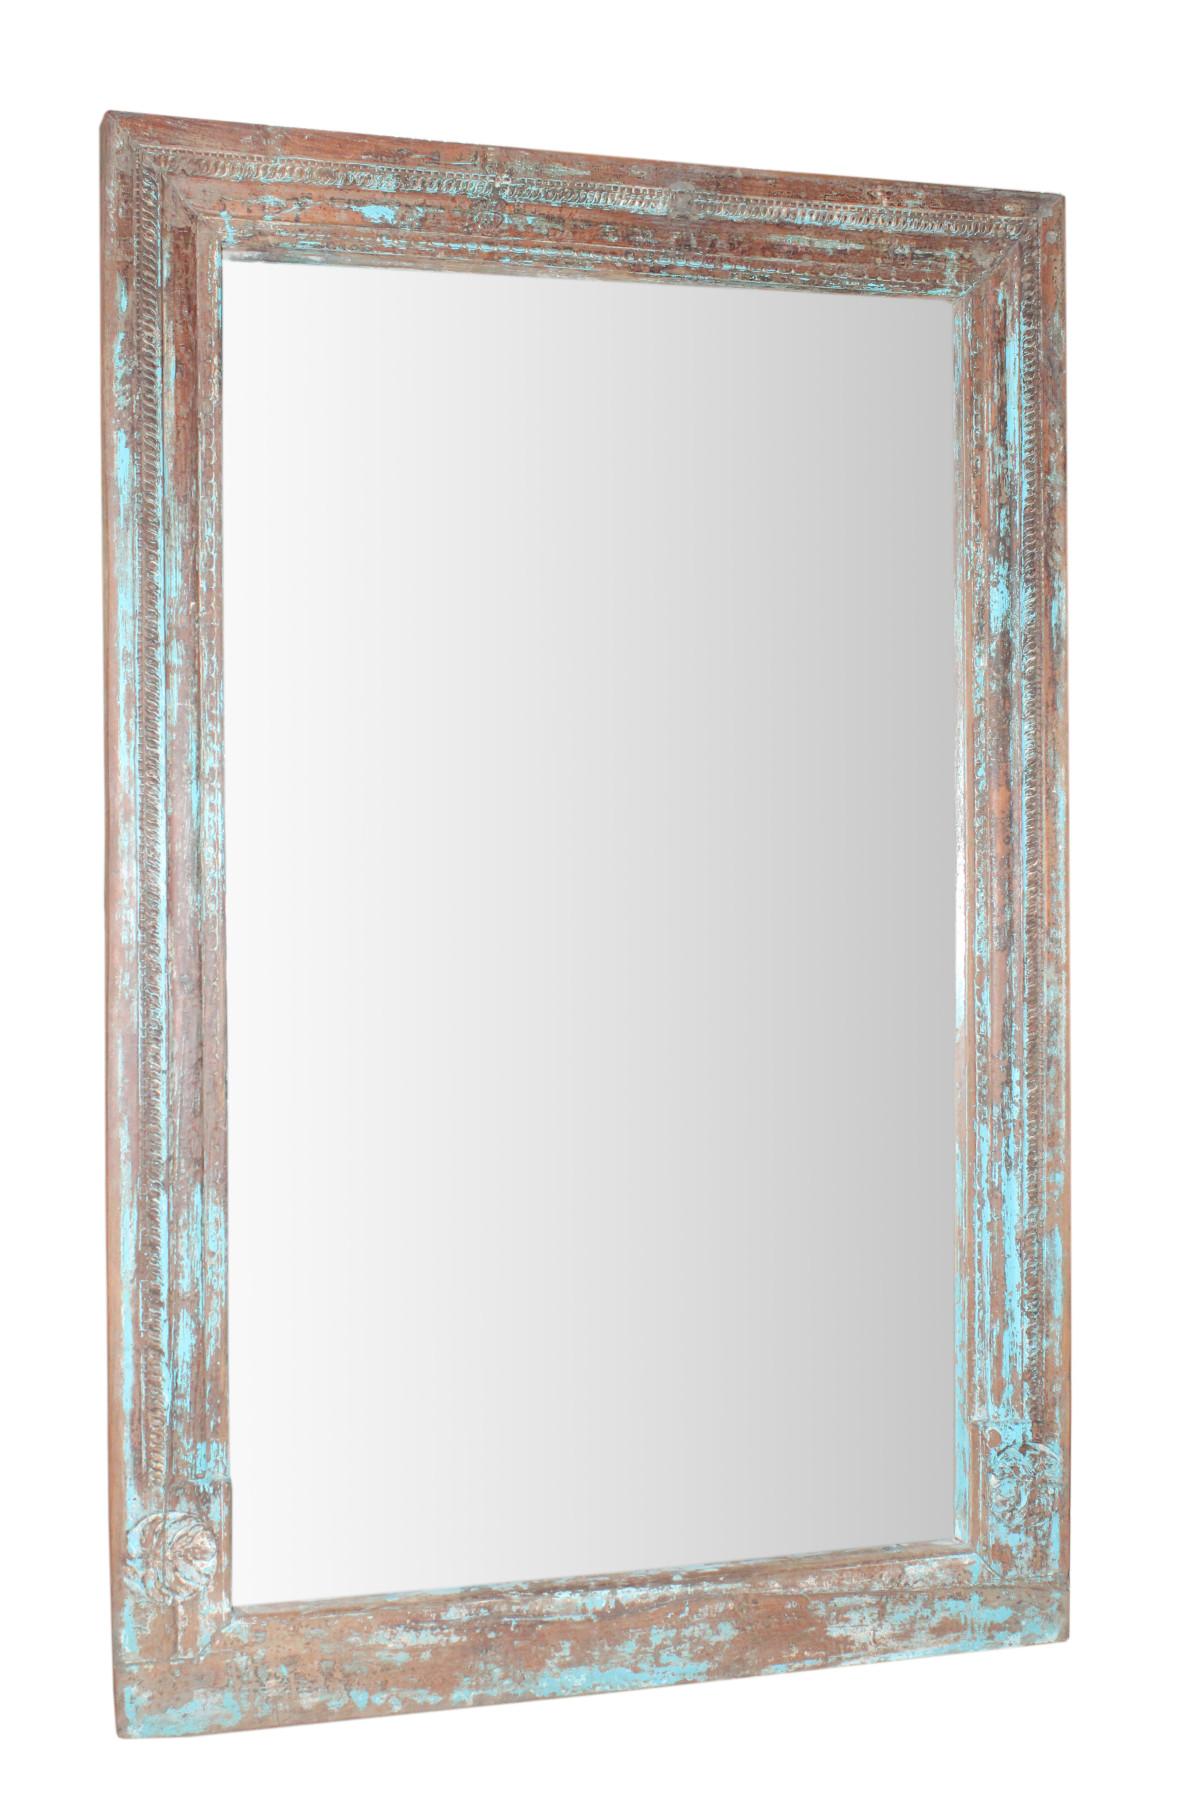 Ancien cadre de devanture - miroir. . Inde 1